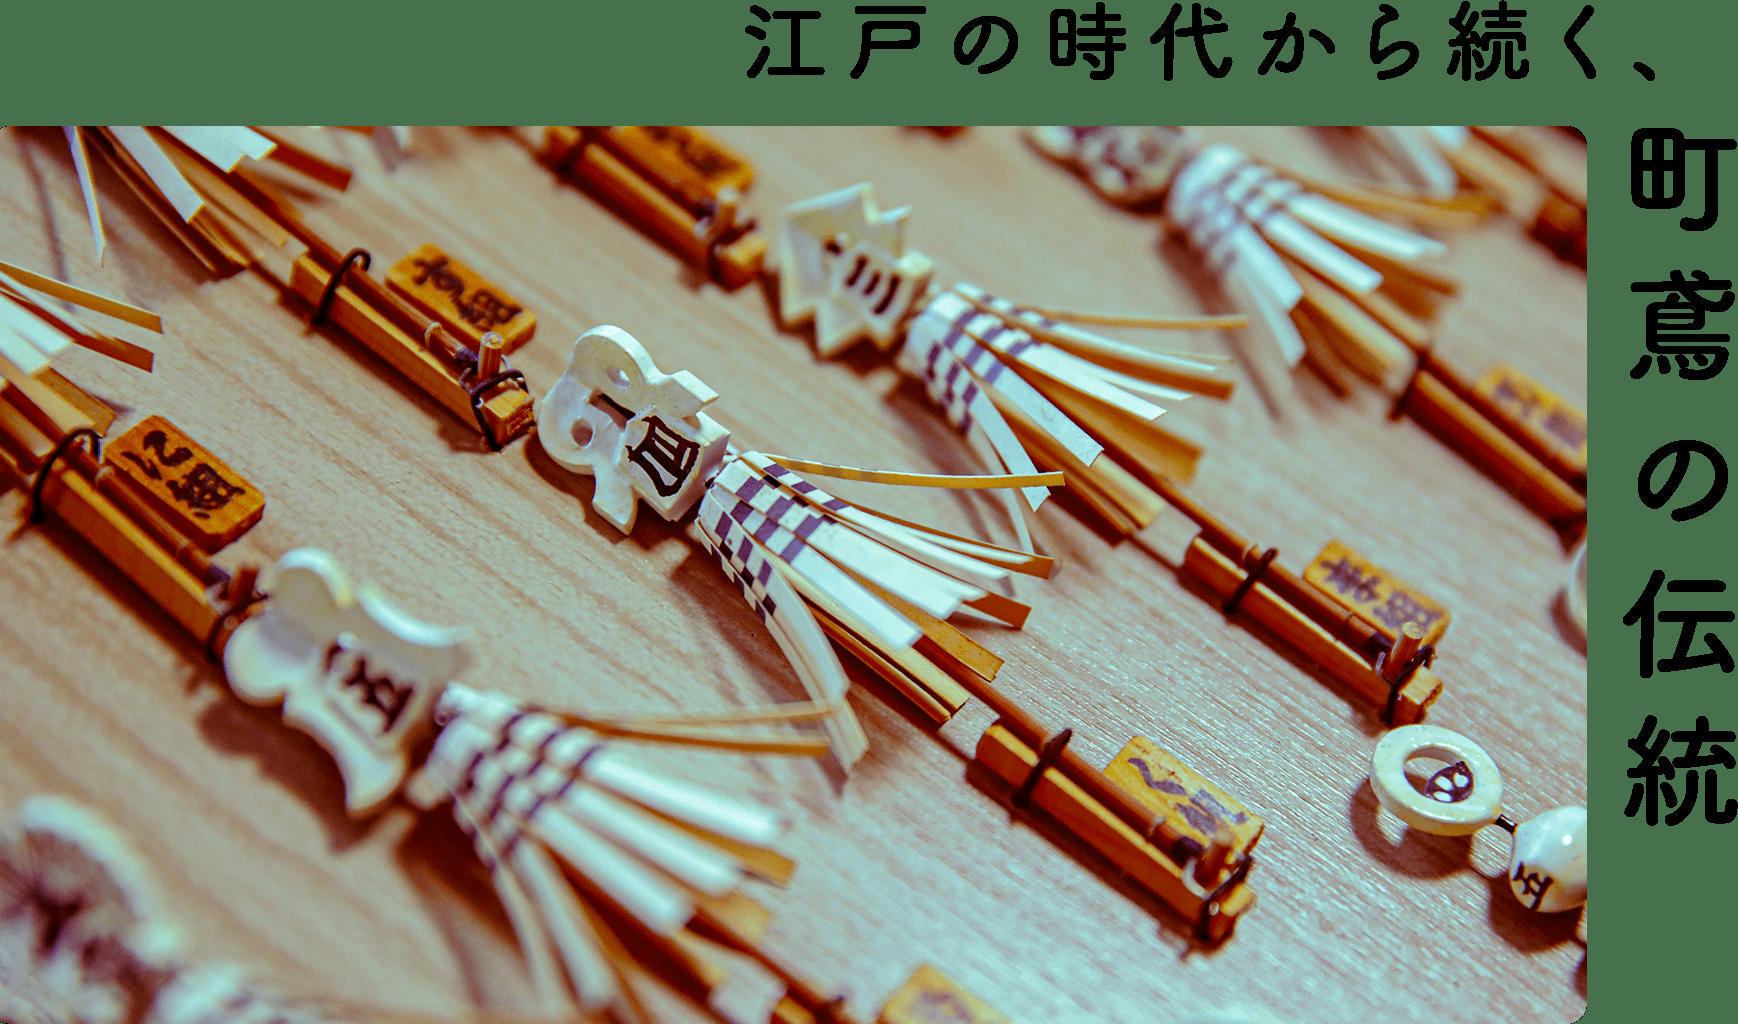 江戸の時代から続く、町鳶の伝統